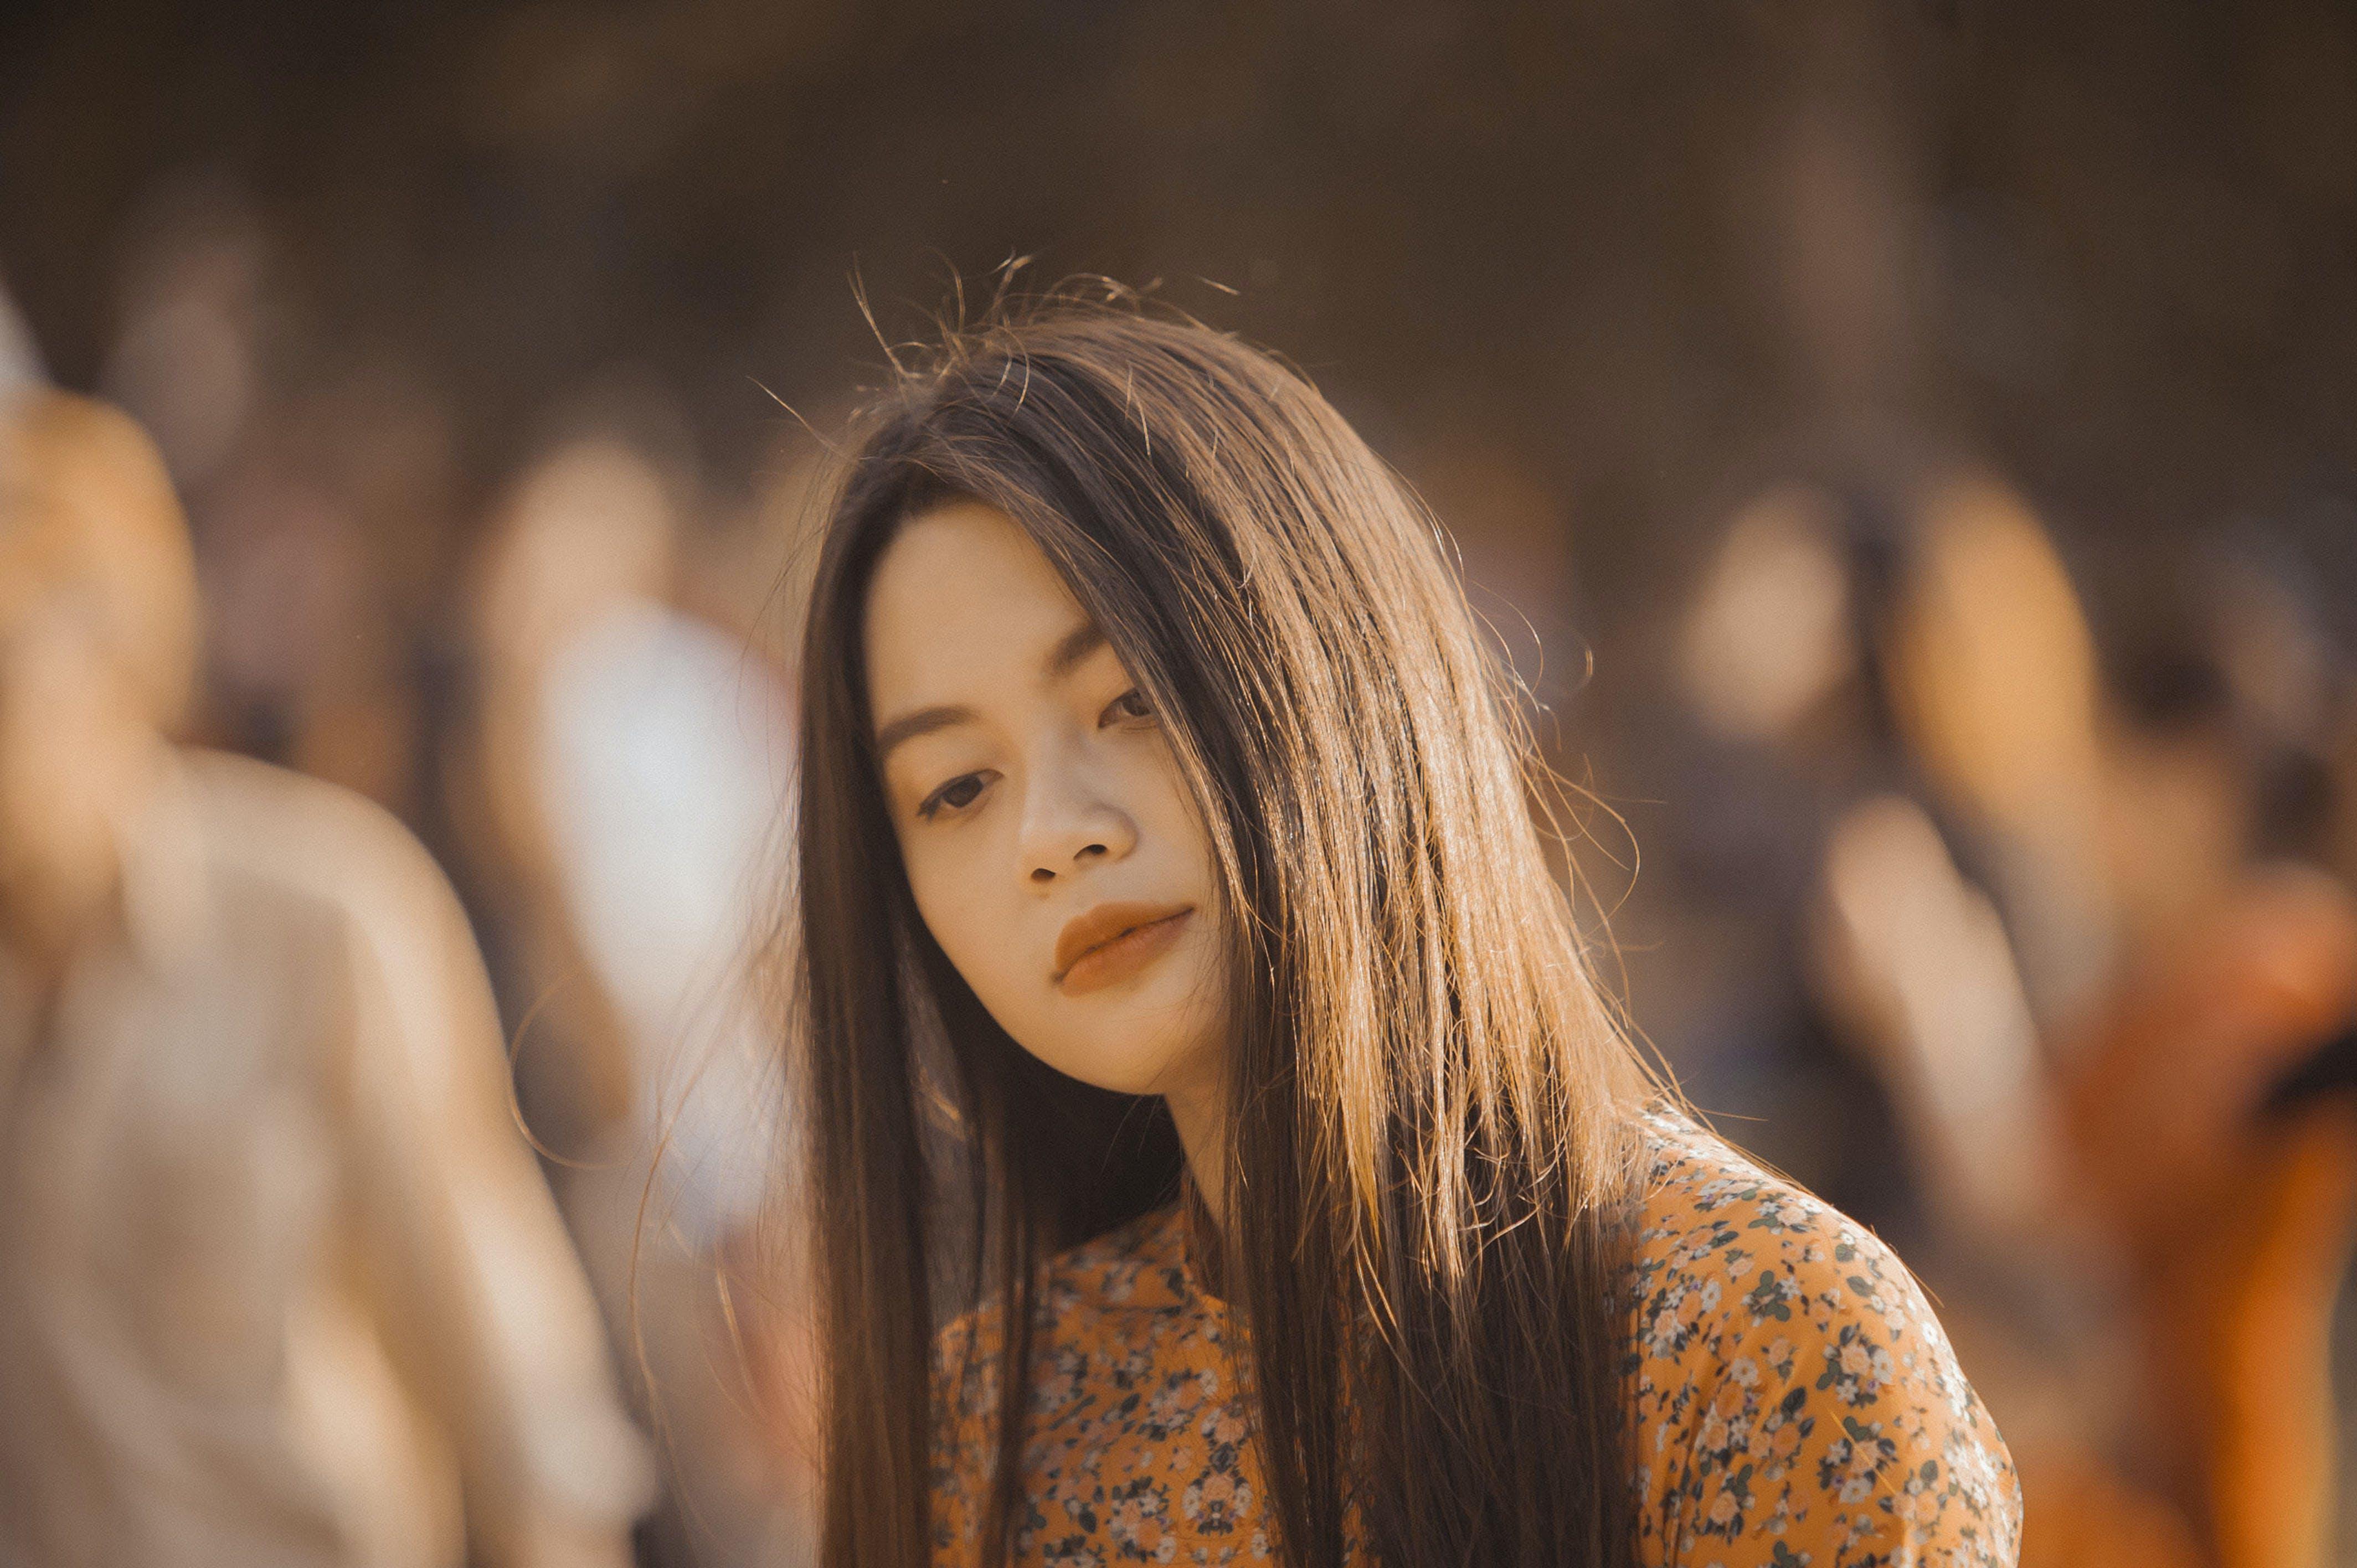 Woman Looking Downward